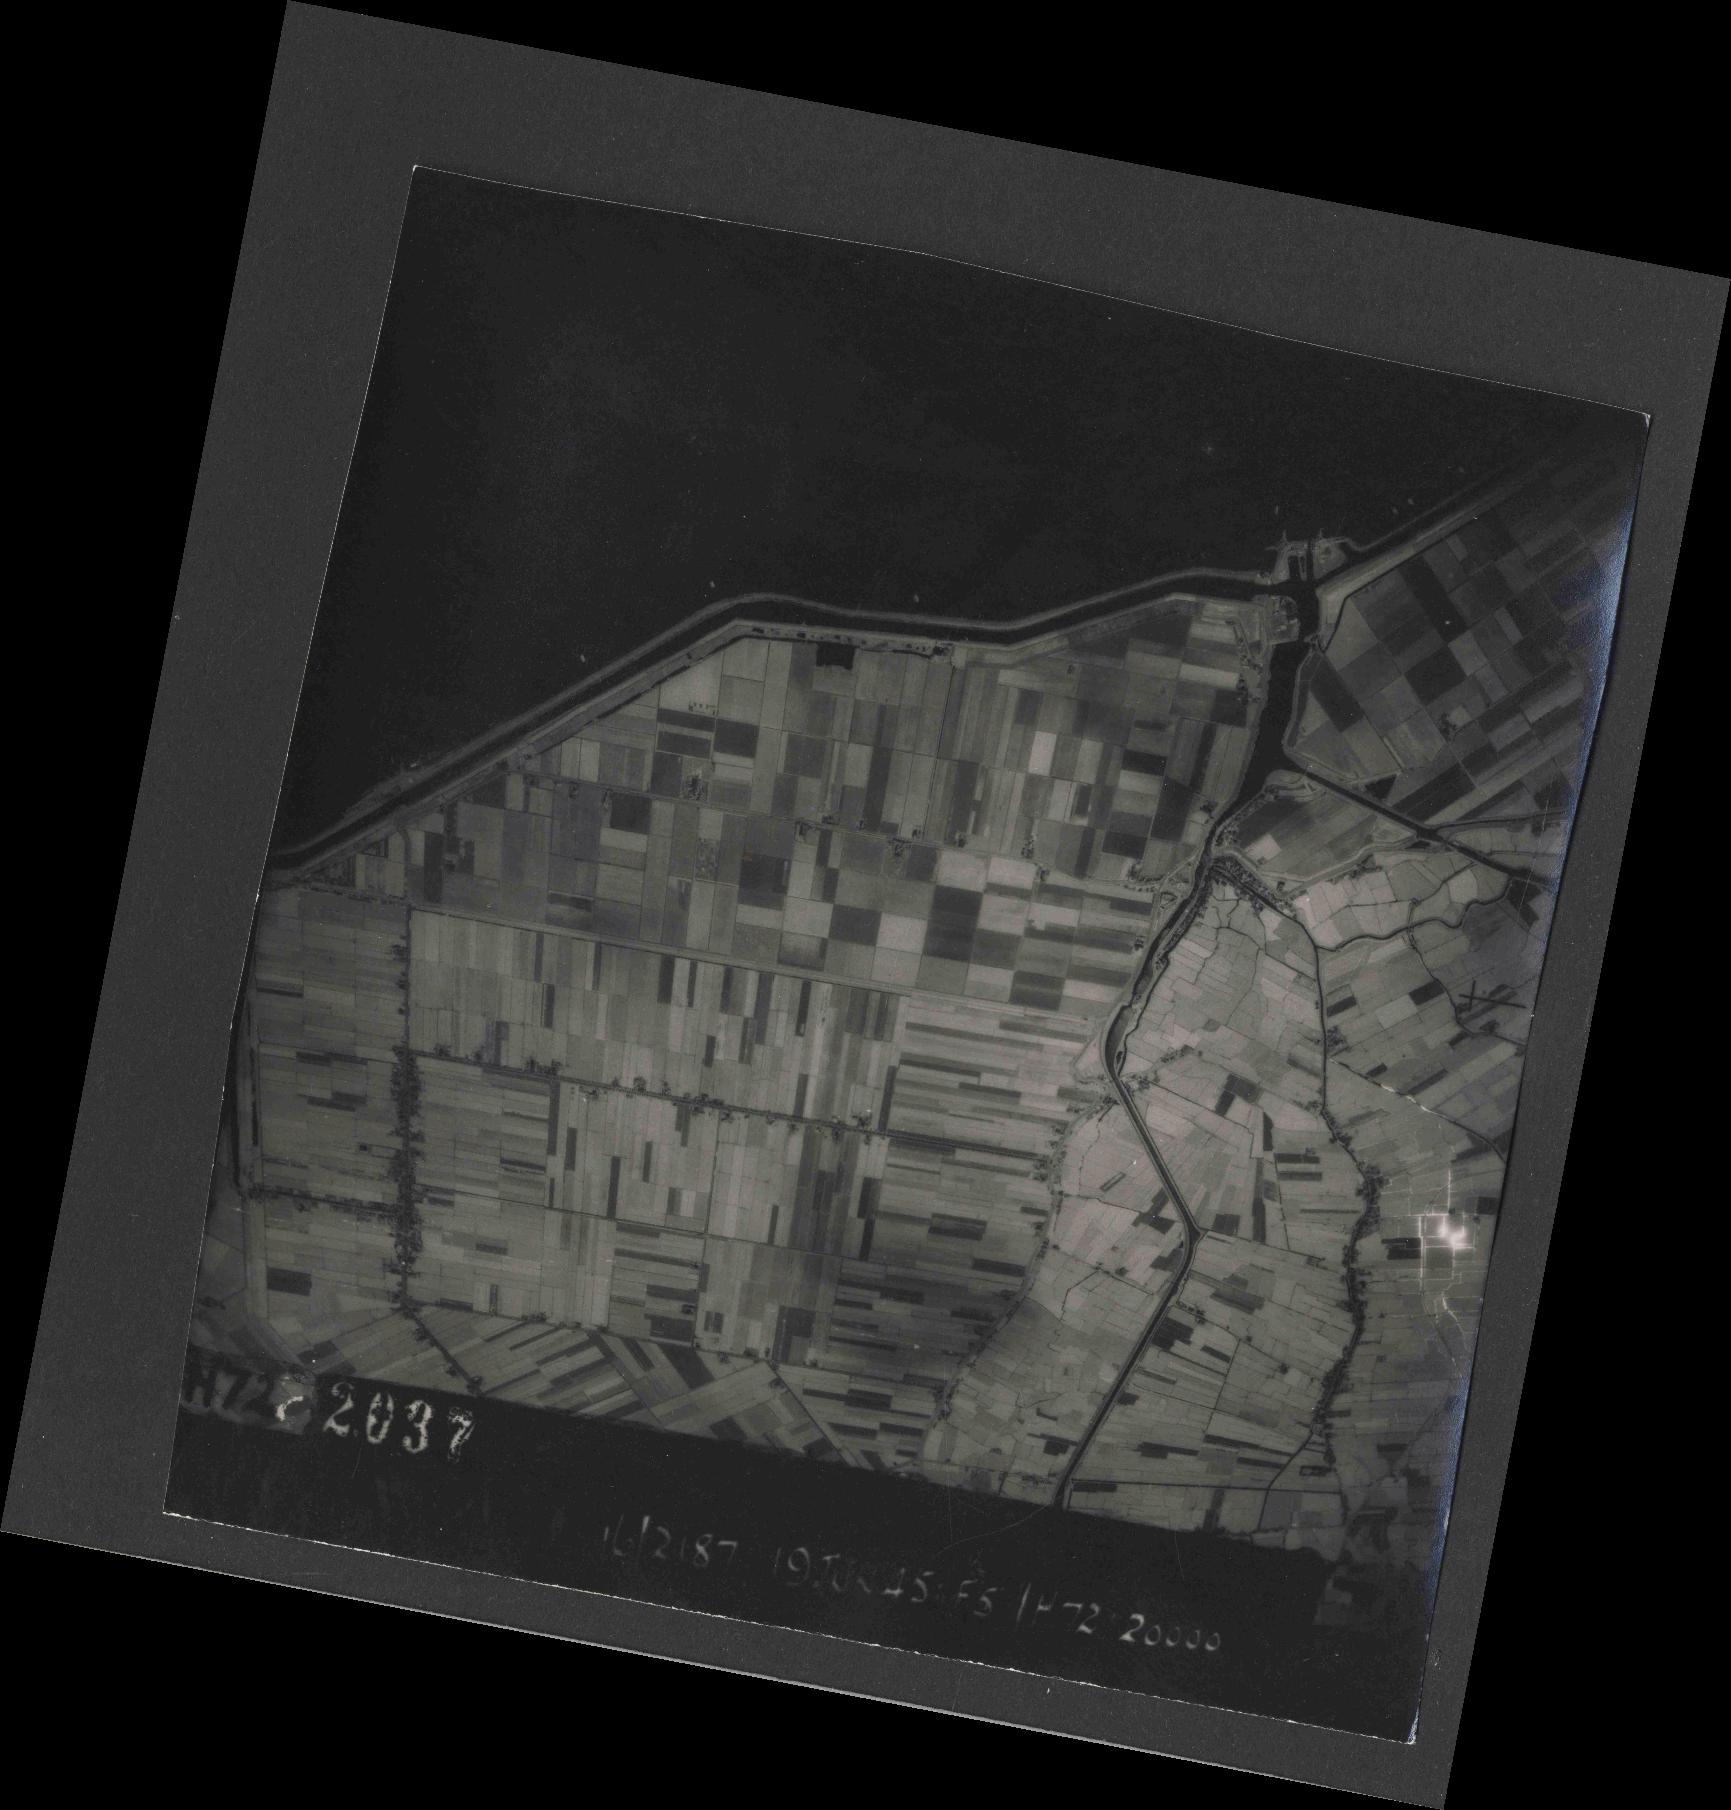 Collection RAF aerial photos 1940-1945 - flight 551, run 02, photo 2037